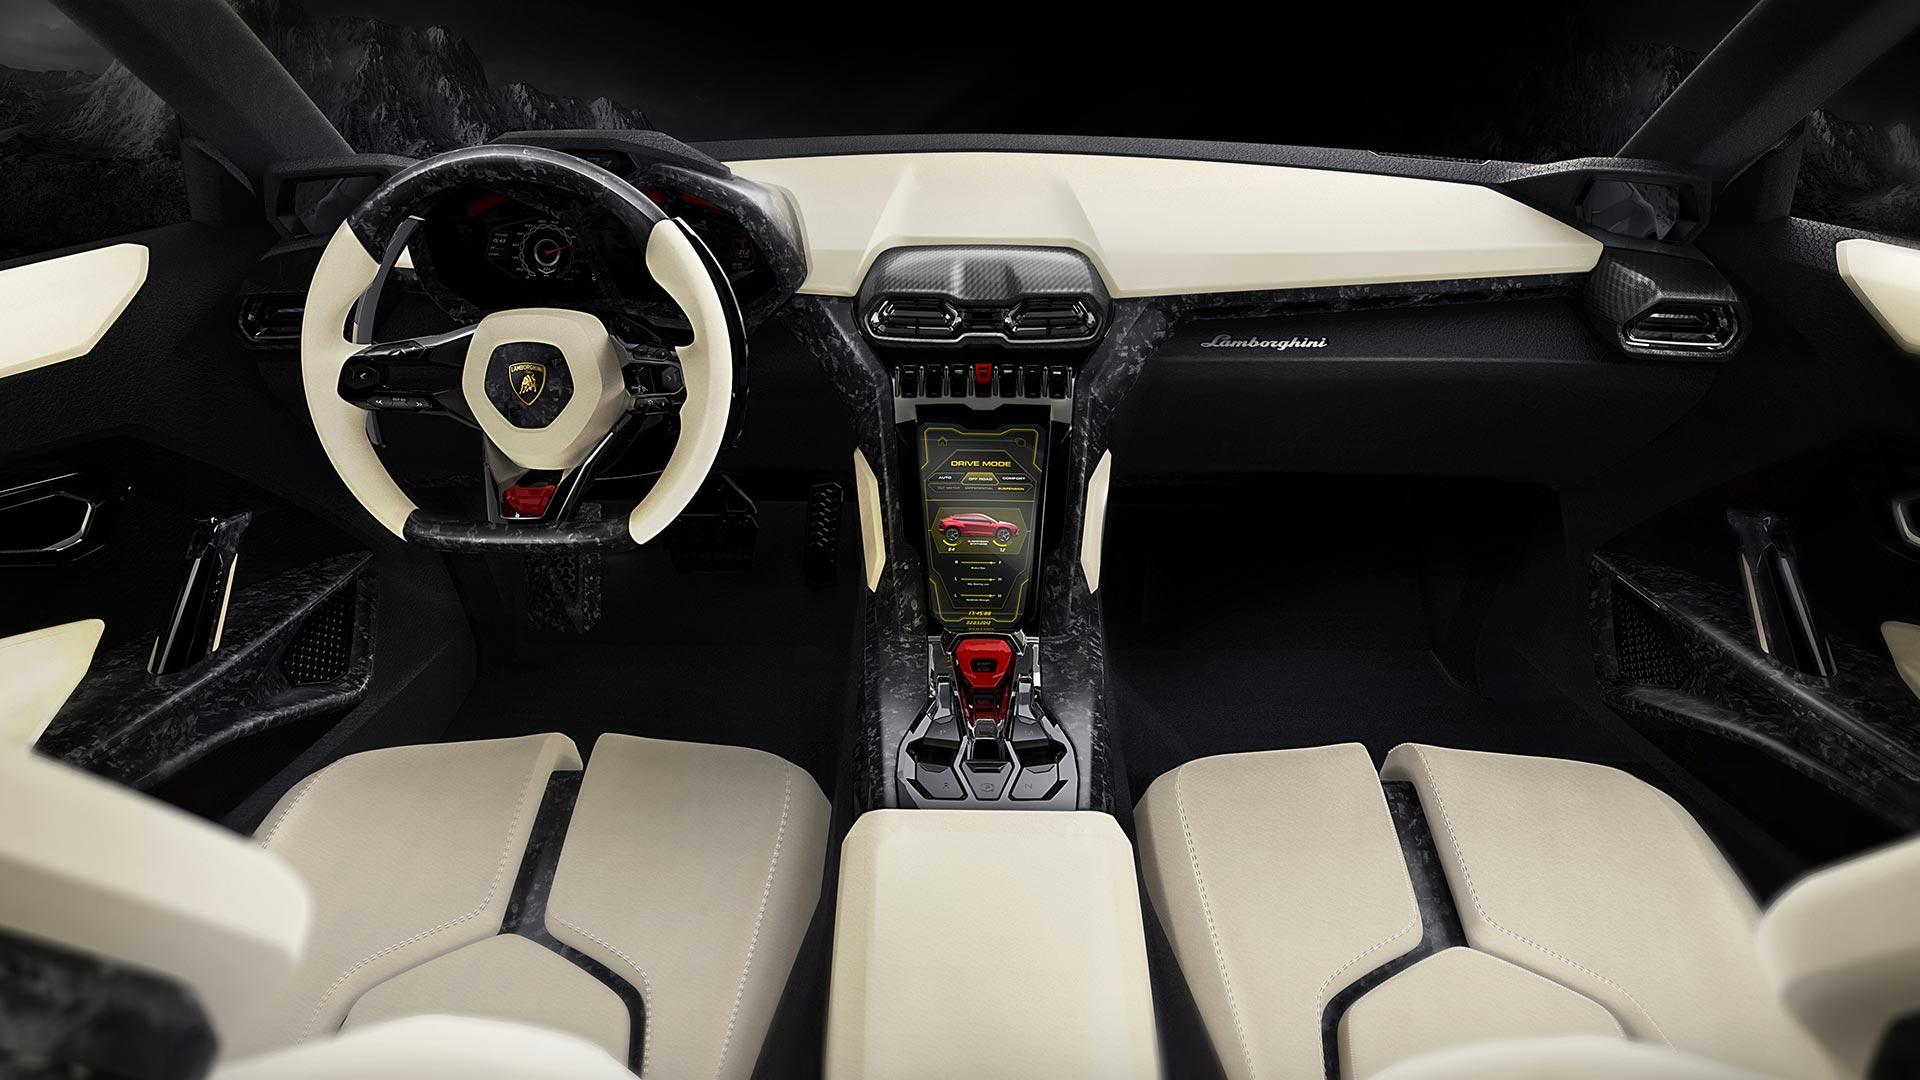 Lamborghini Urus-ห้องโดยสาร